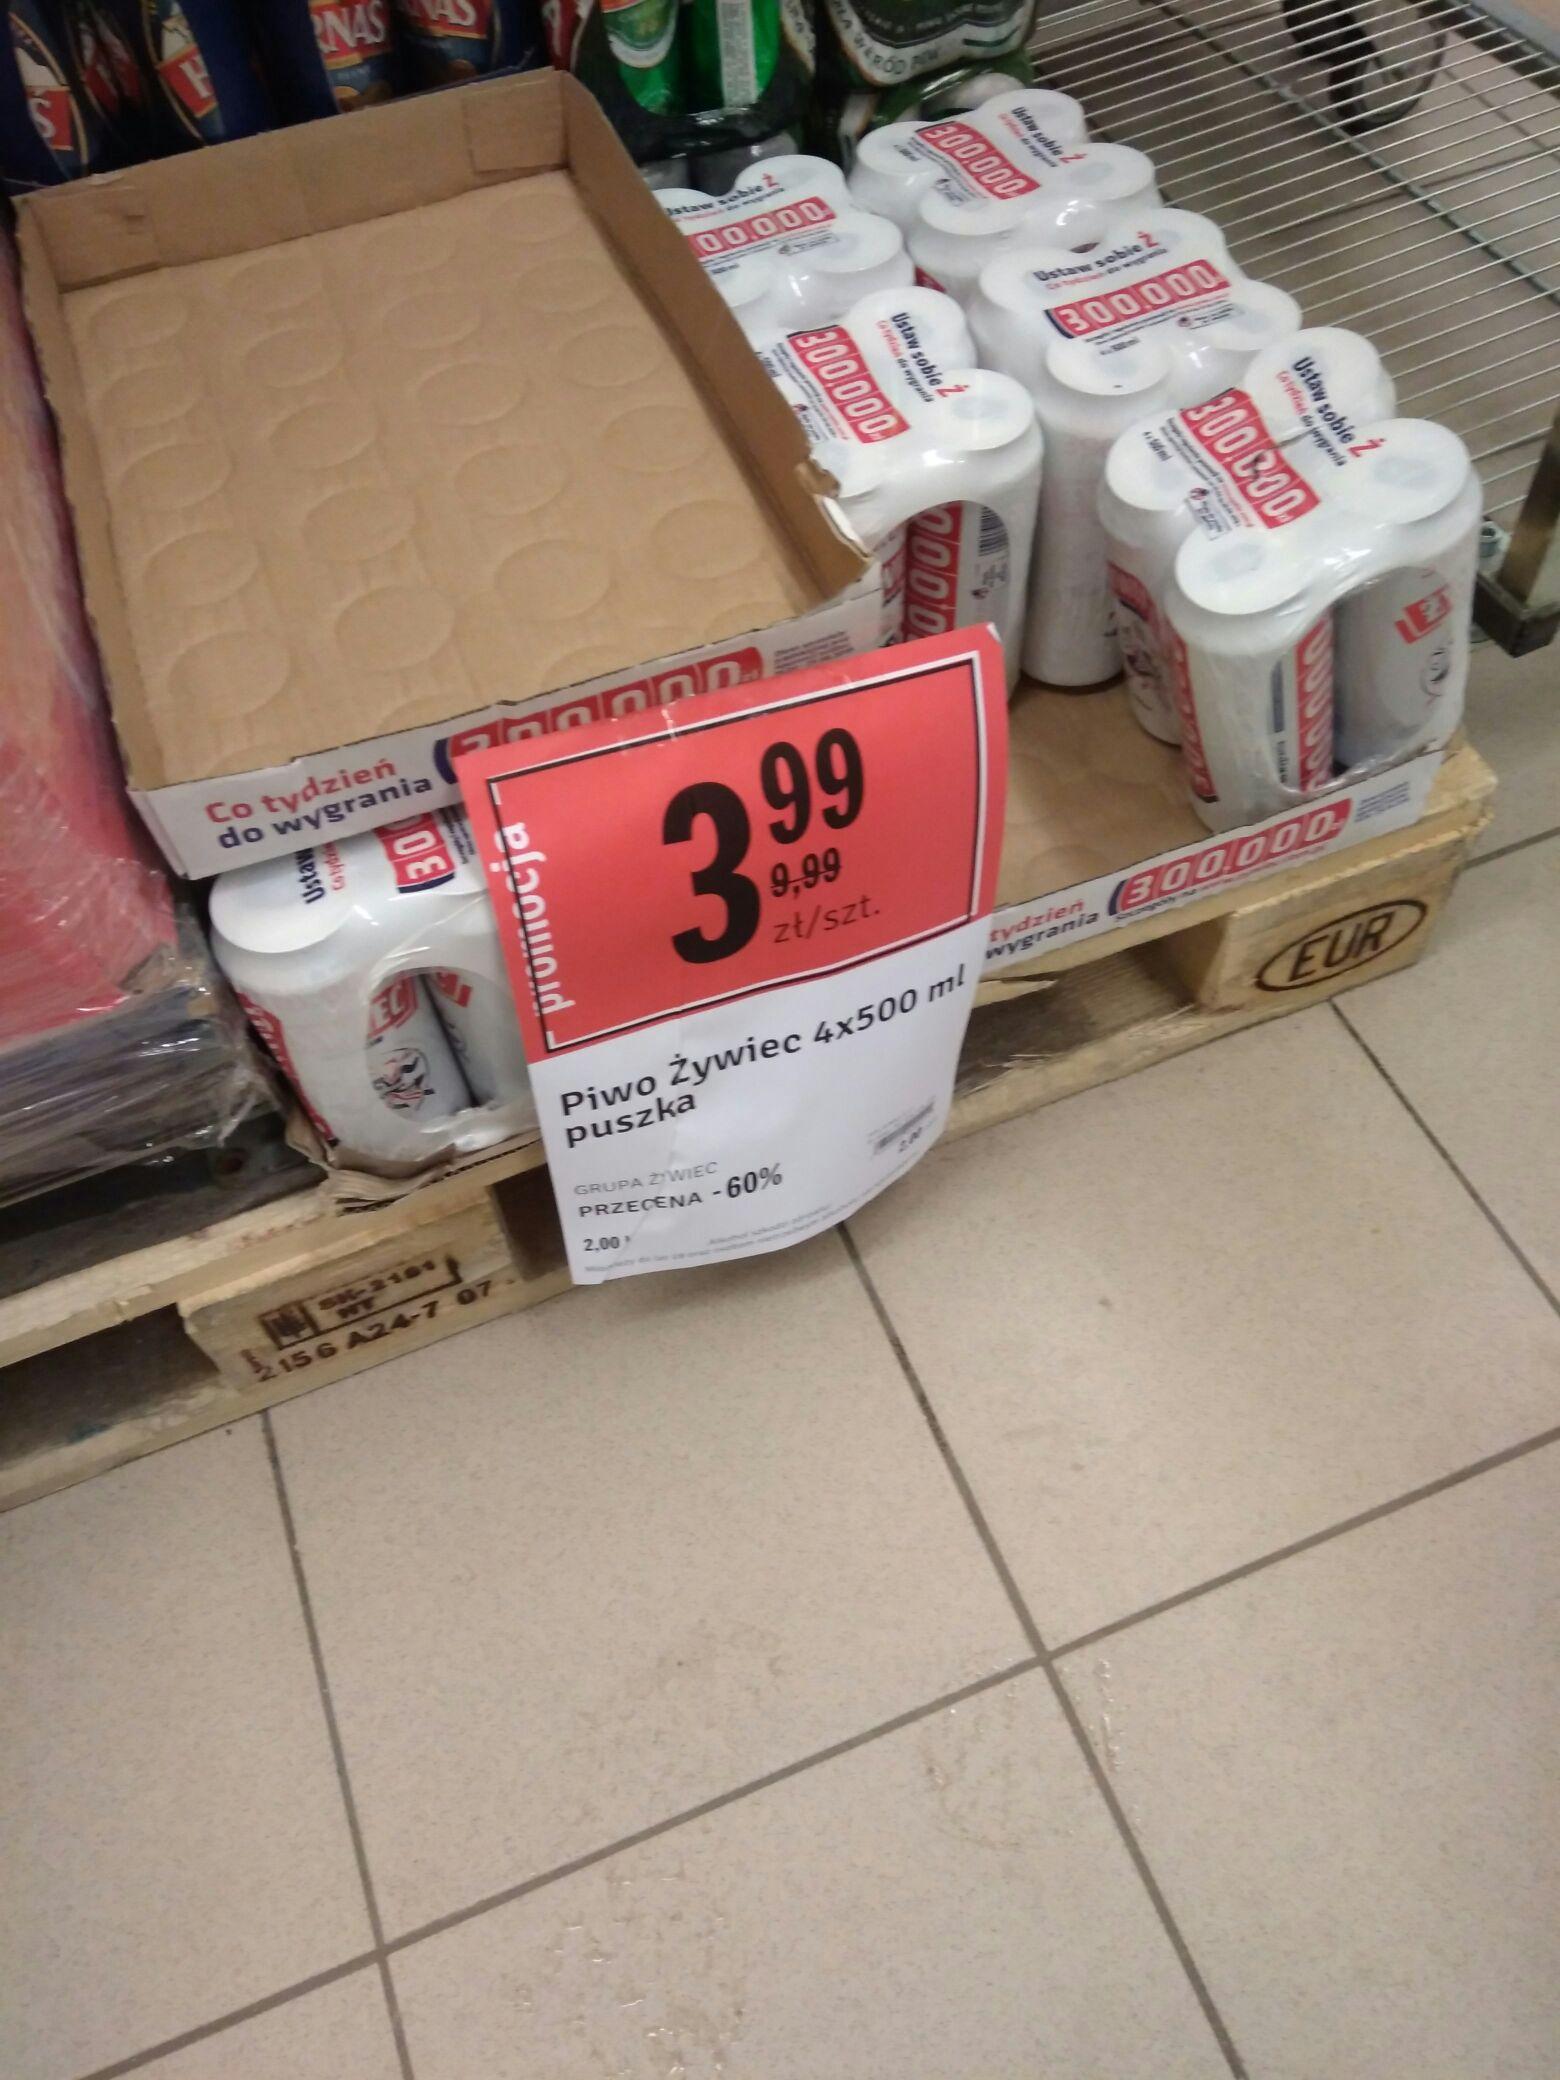 Piwo Żywiec 4 pack Stokrotka Busko Zdrój